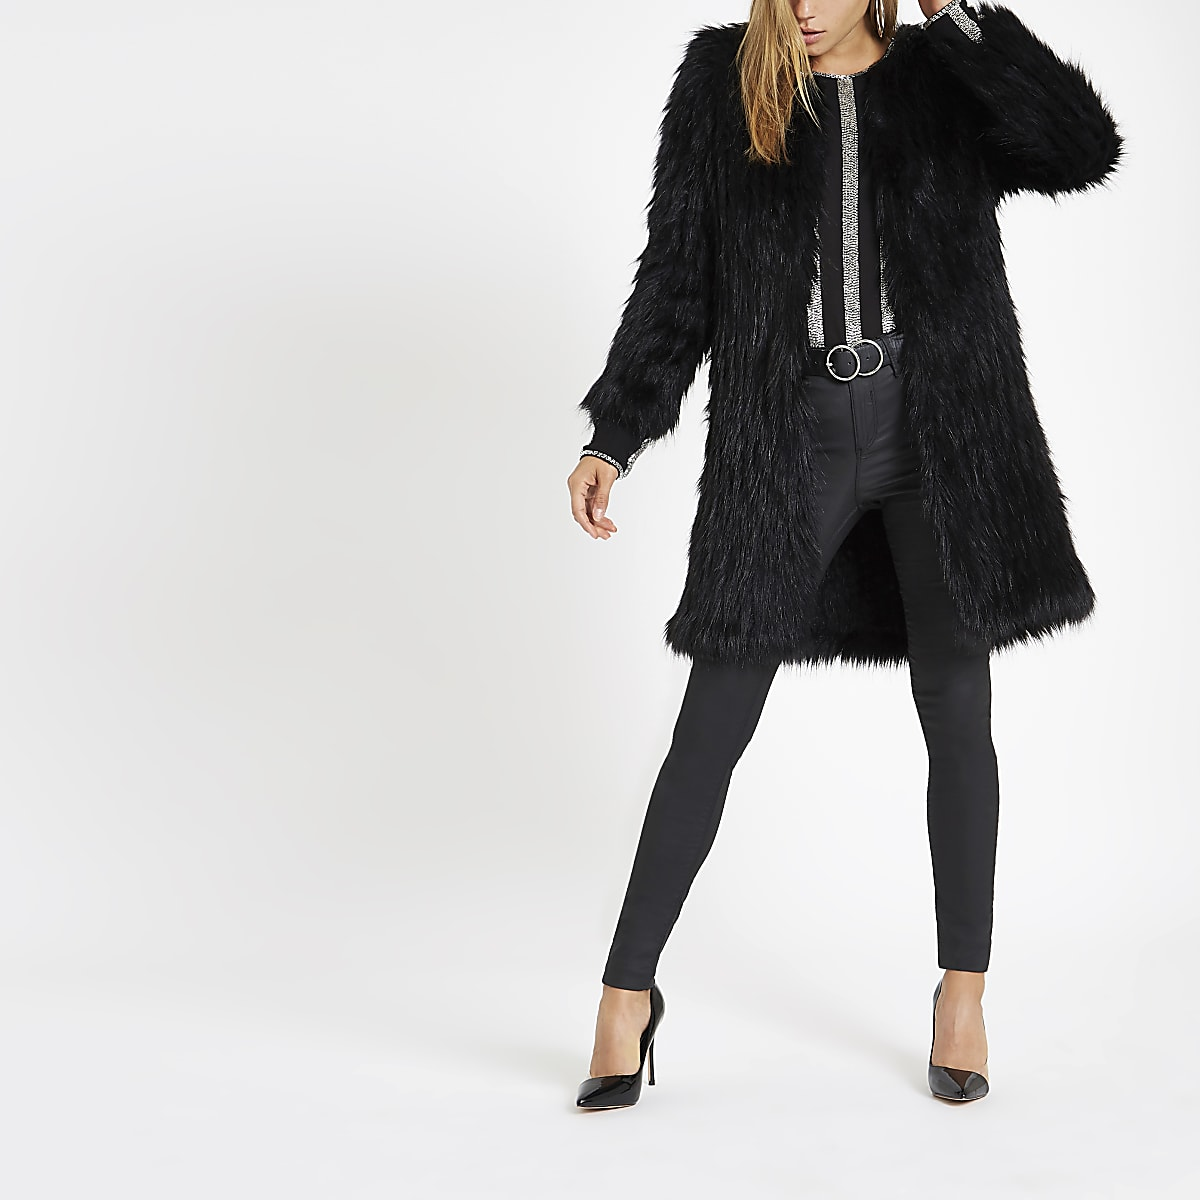 ed5cf56fe Black knit faux fur coat - Coats - Coats & Jackets - women